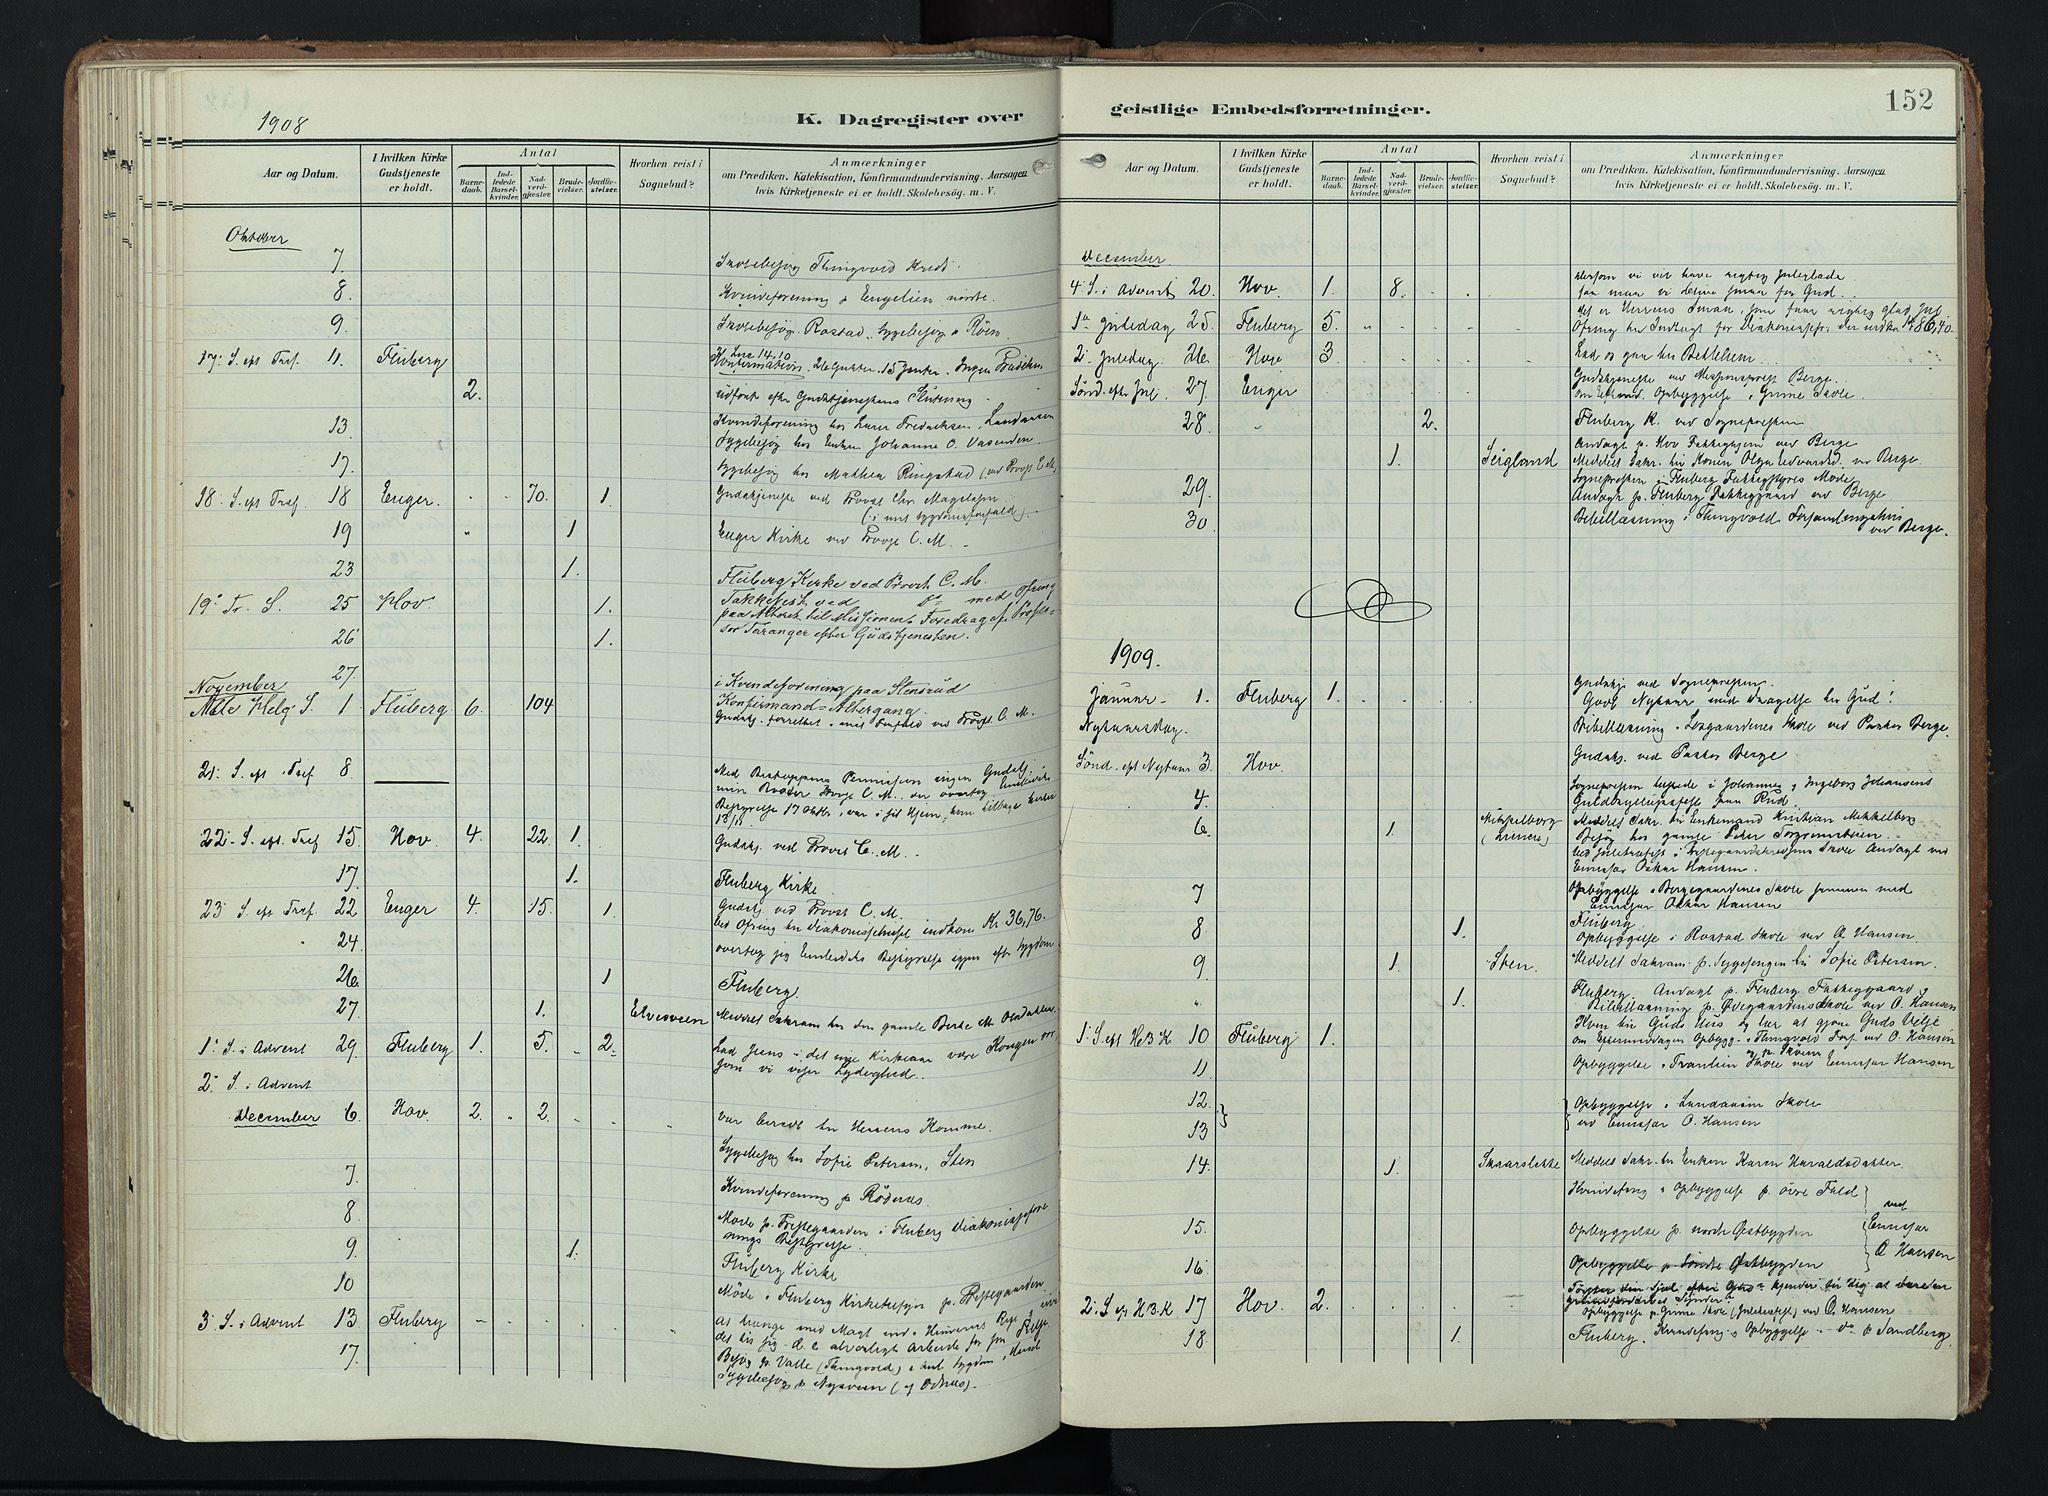 SAH, Søndre Land prestekontor, K/L0005: Ministerialbok nr. 5, 1905-1914, s. 152